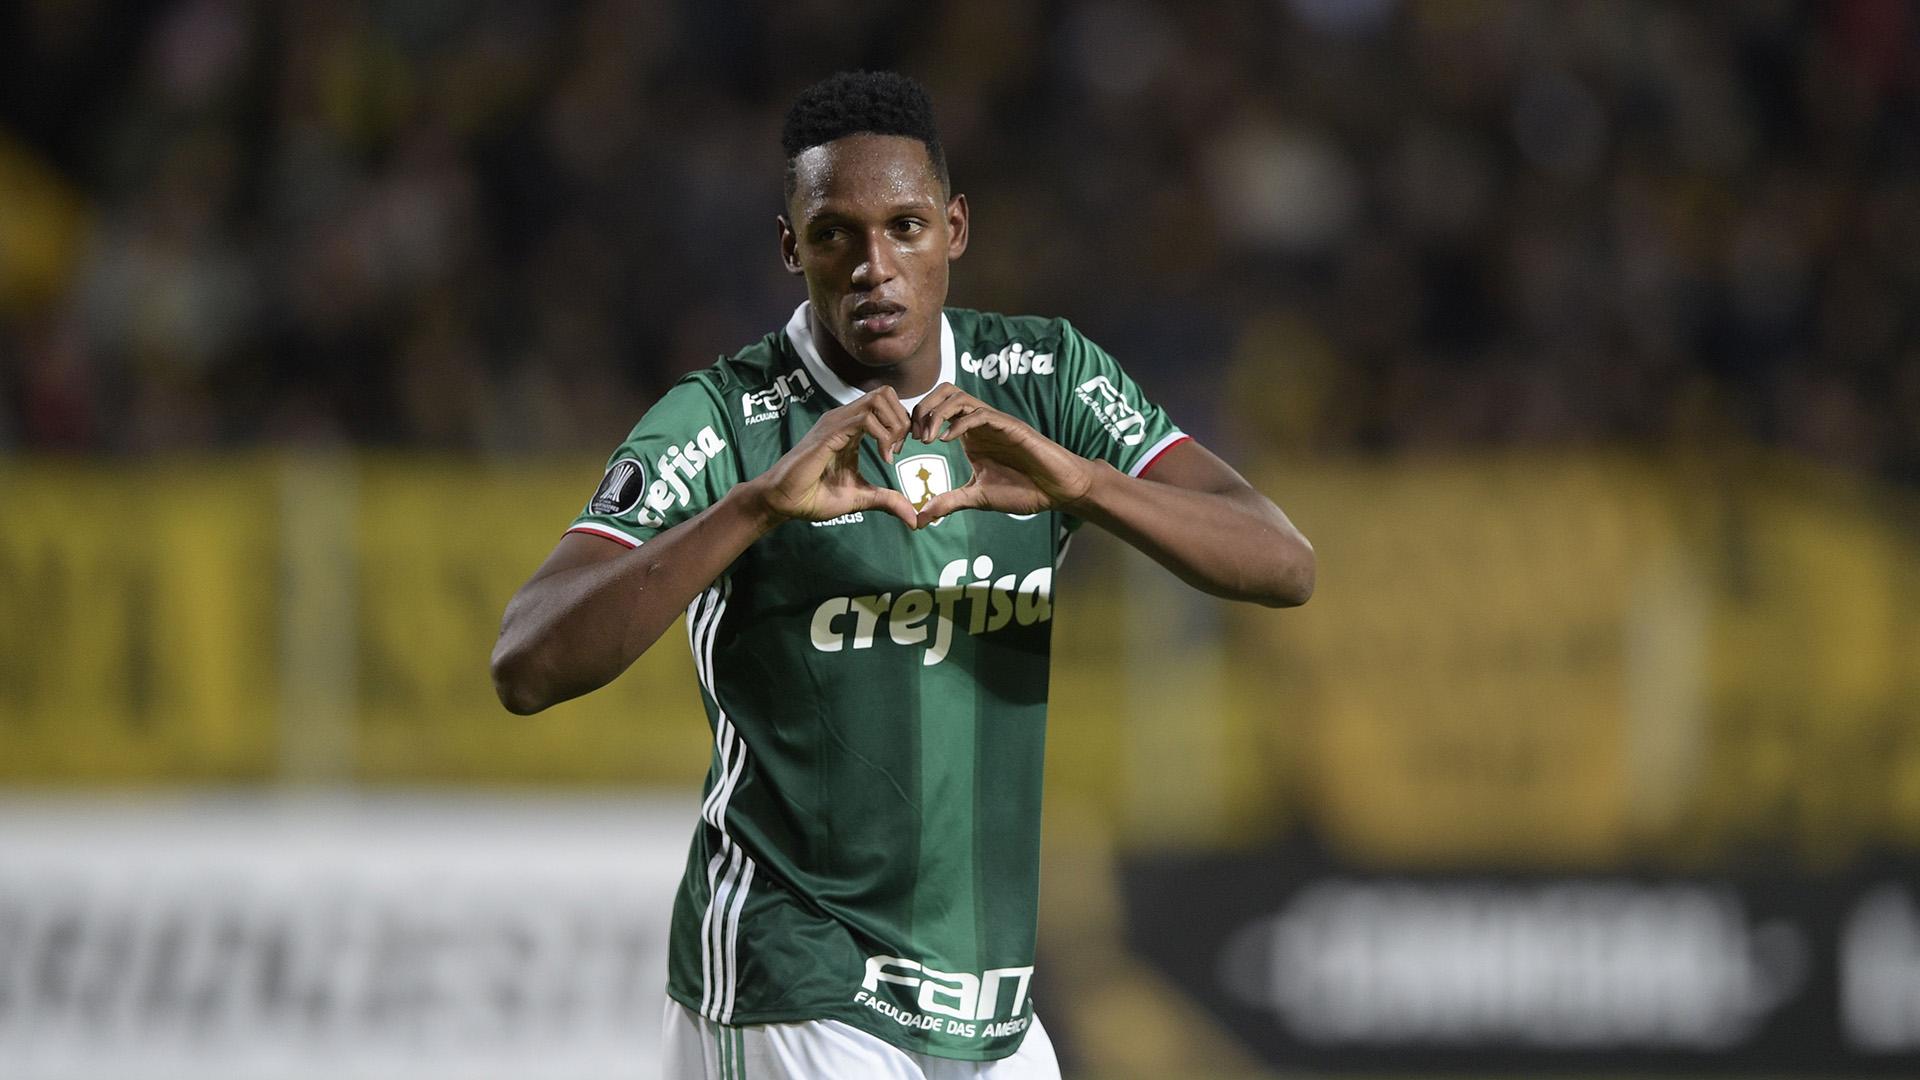 Barcelona envia proposta ao Palmeiras pelo zagueiro Mina